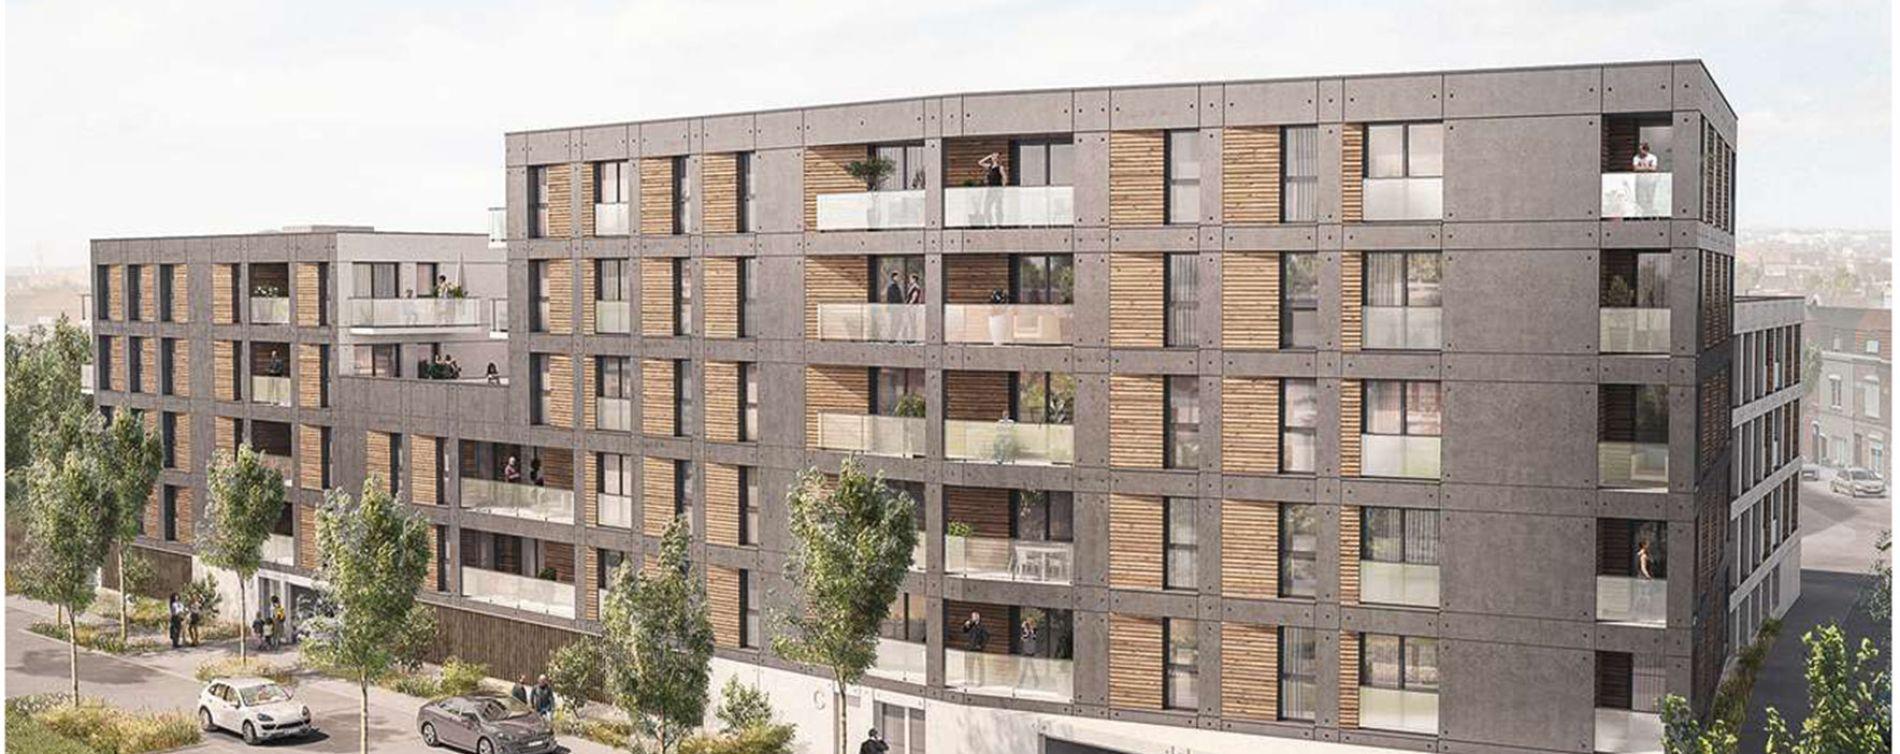 Résidence Urbanite à Valenciennes